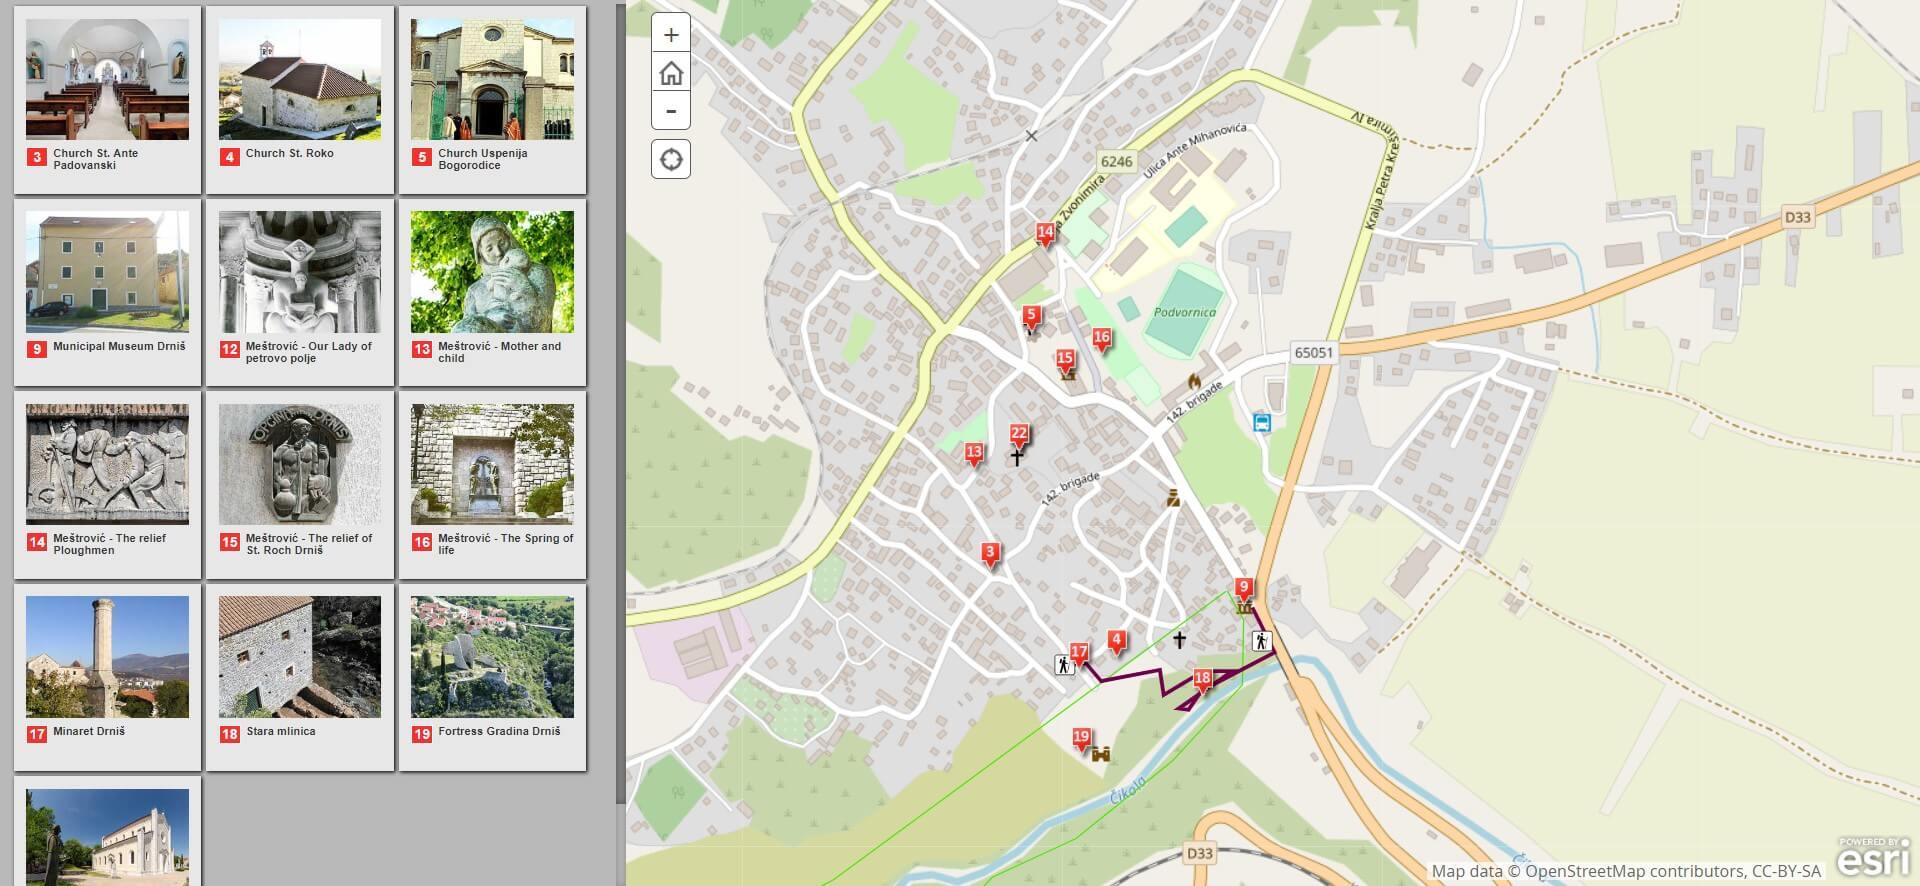 carte Sites culturels et religieux à voir à Drnis et aux environs